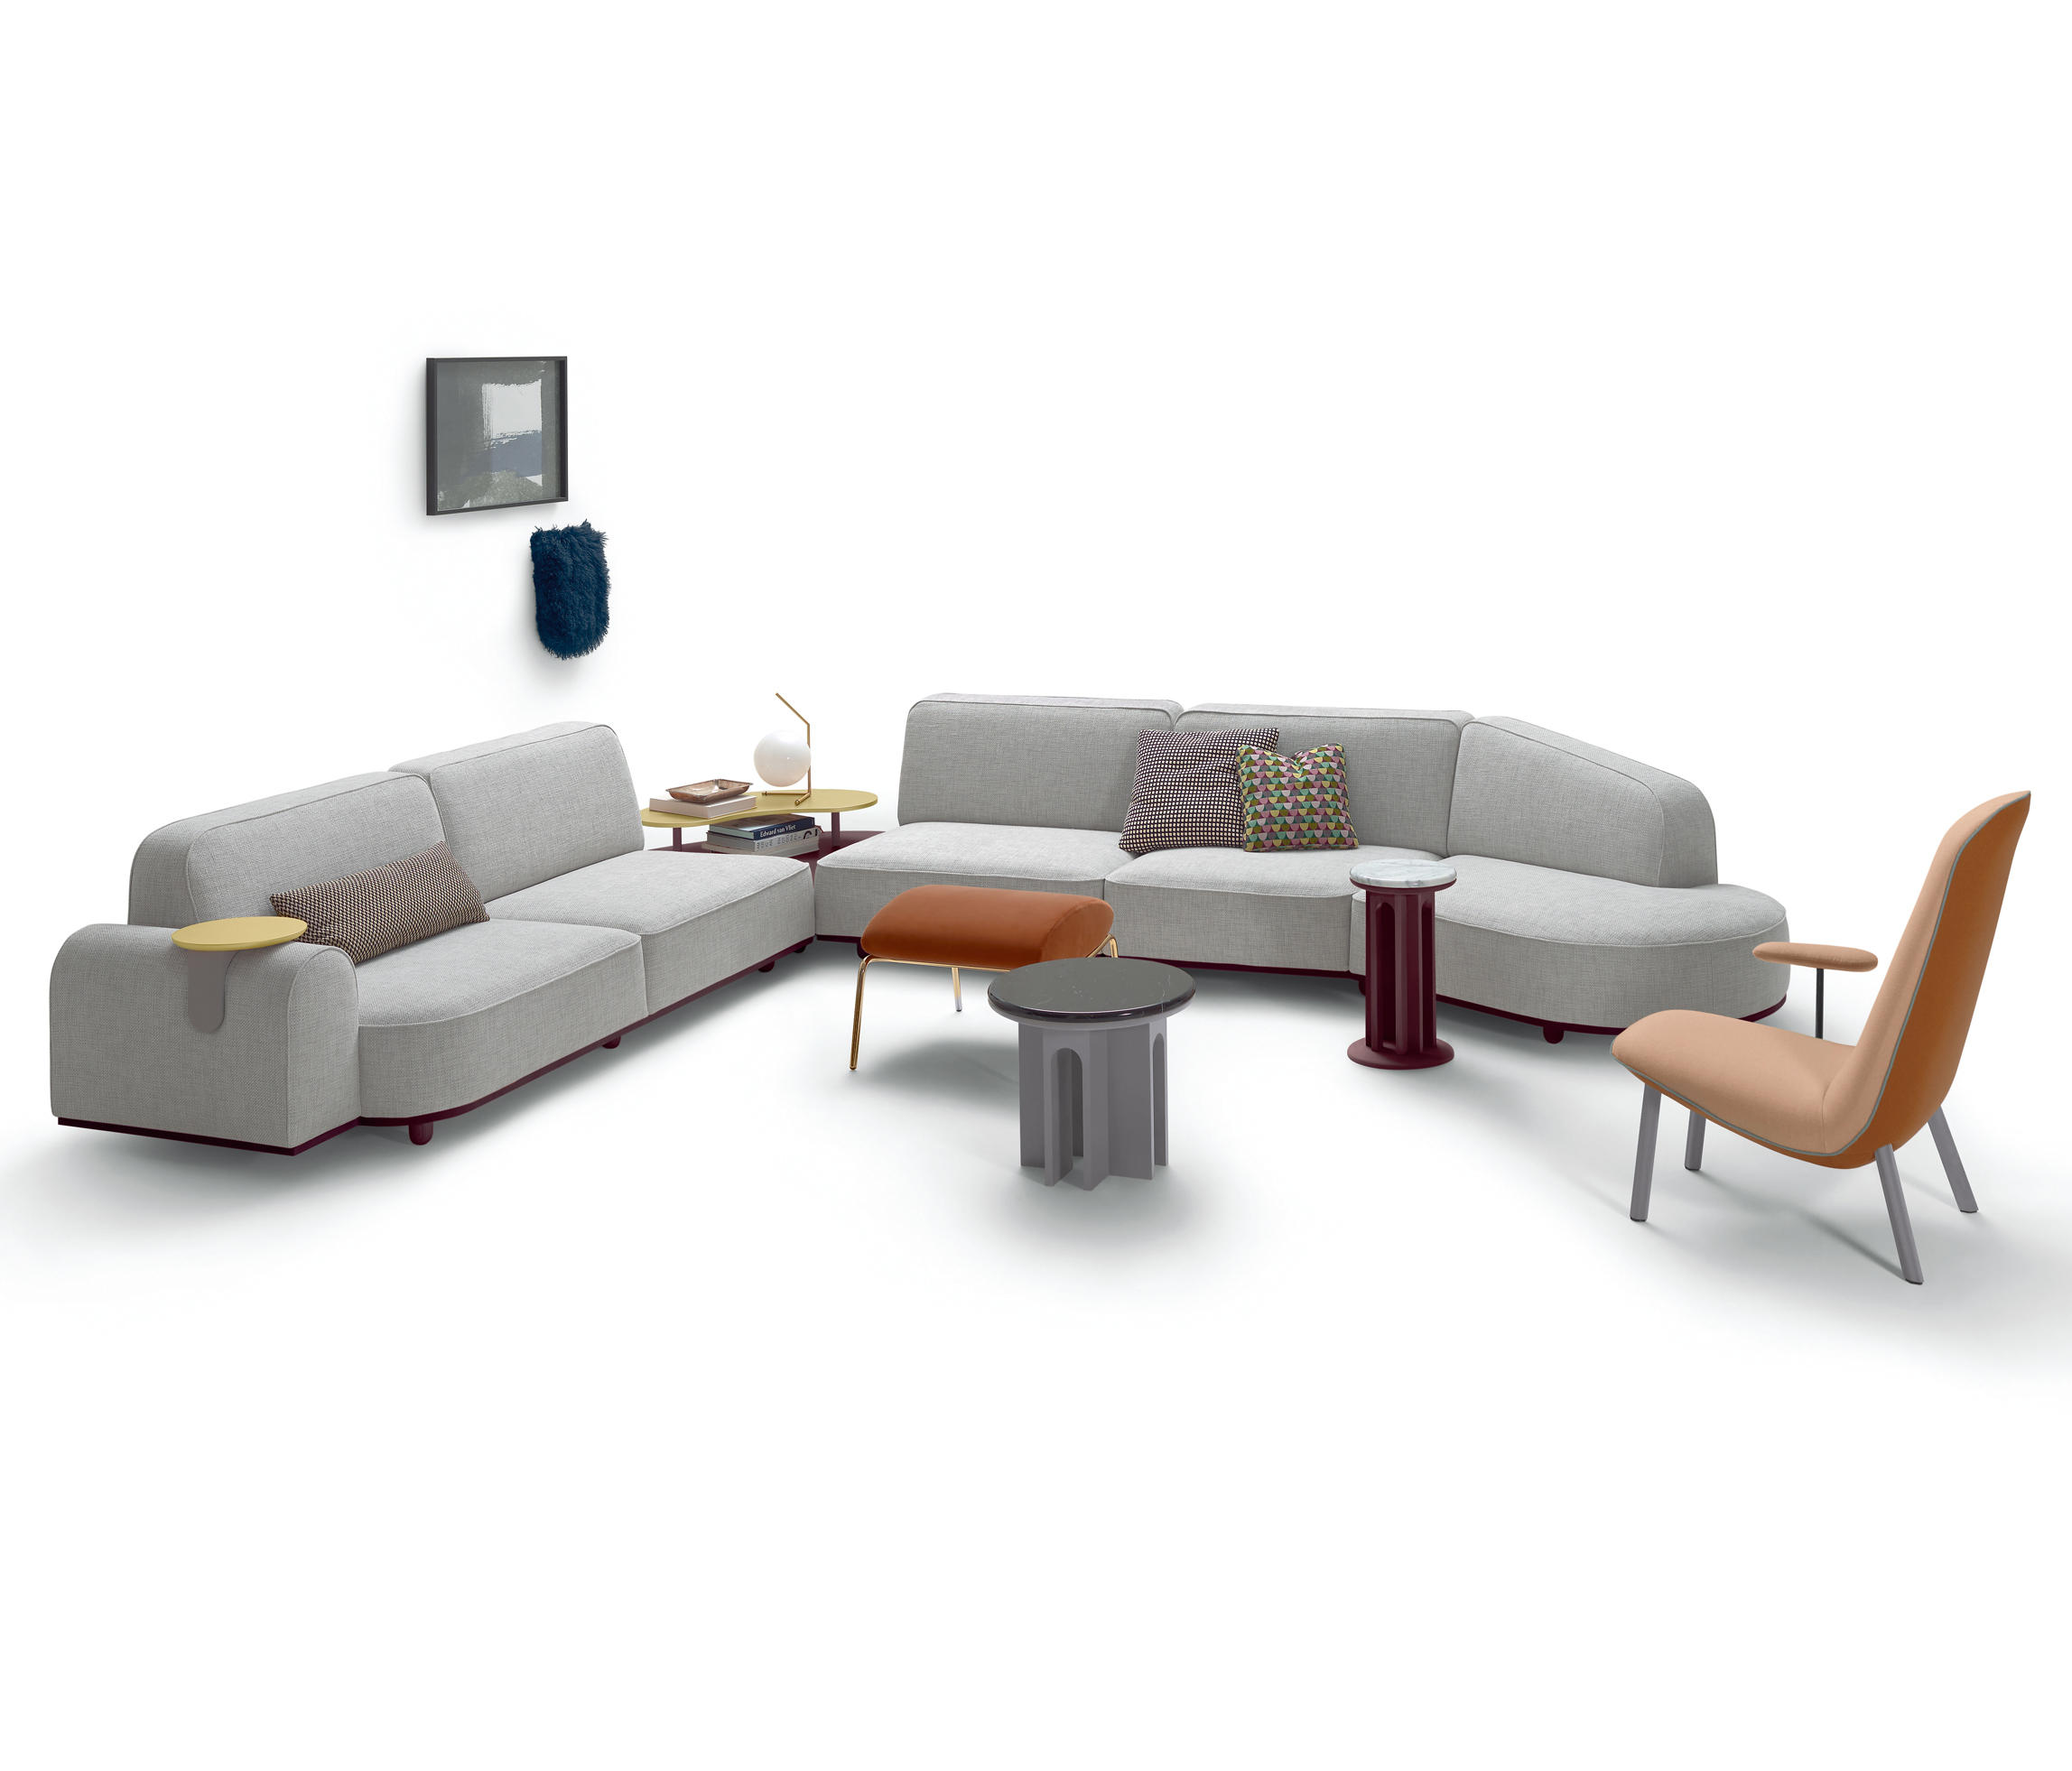 Leafo Armchair by Jaime Hayon for Arflex